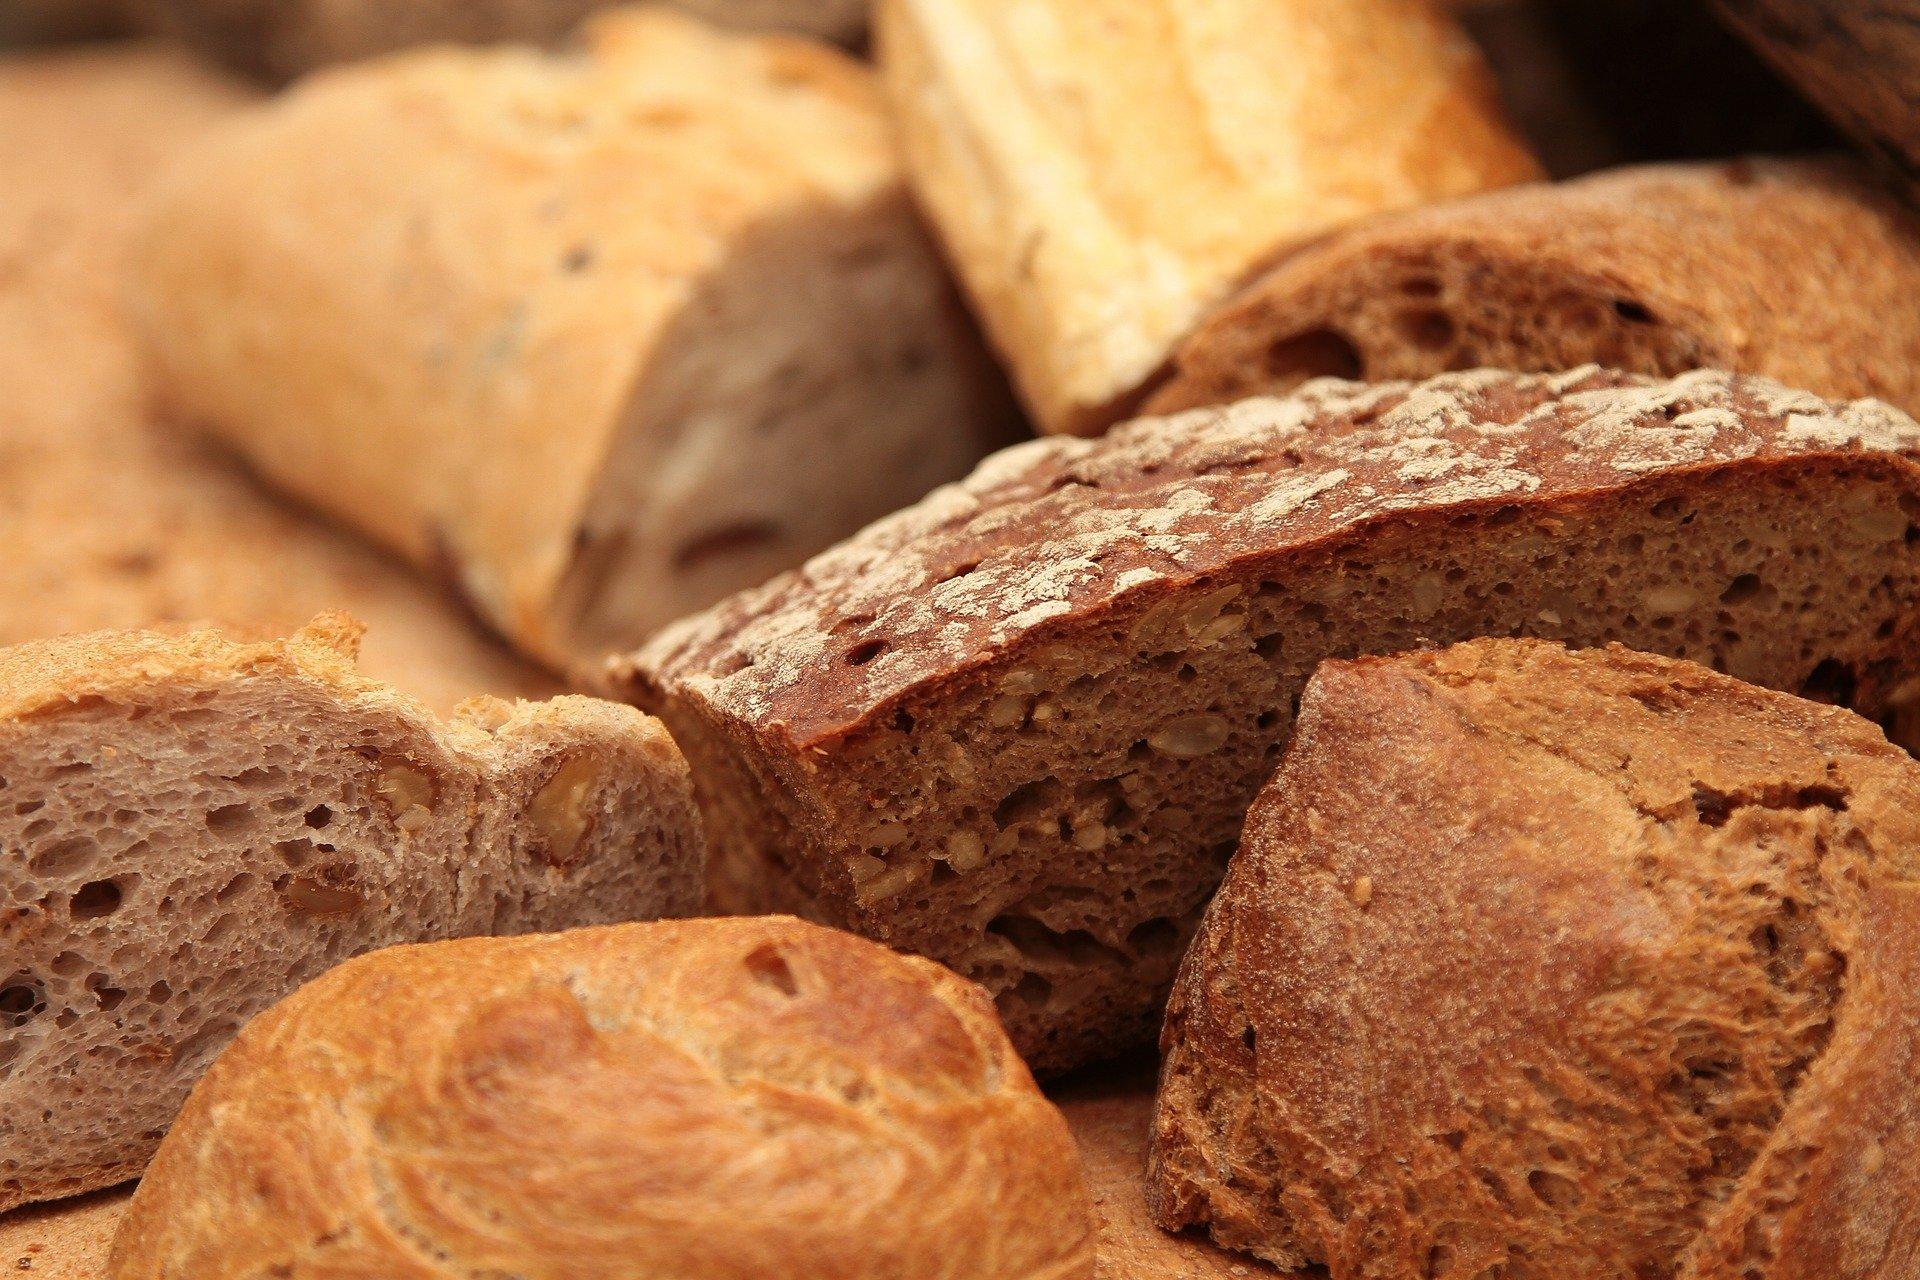 Najlepszy Wypiekacz do chleba do 300 zł